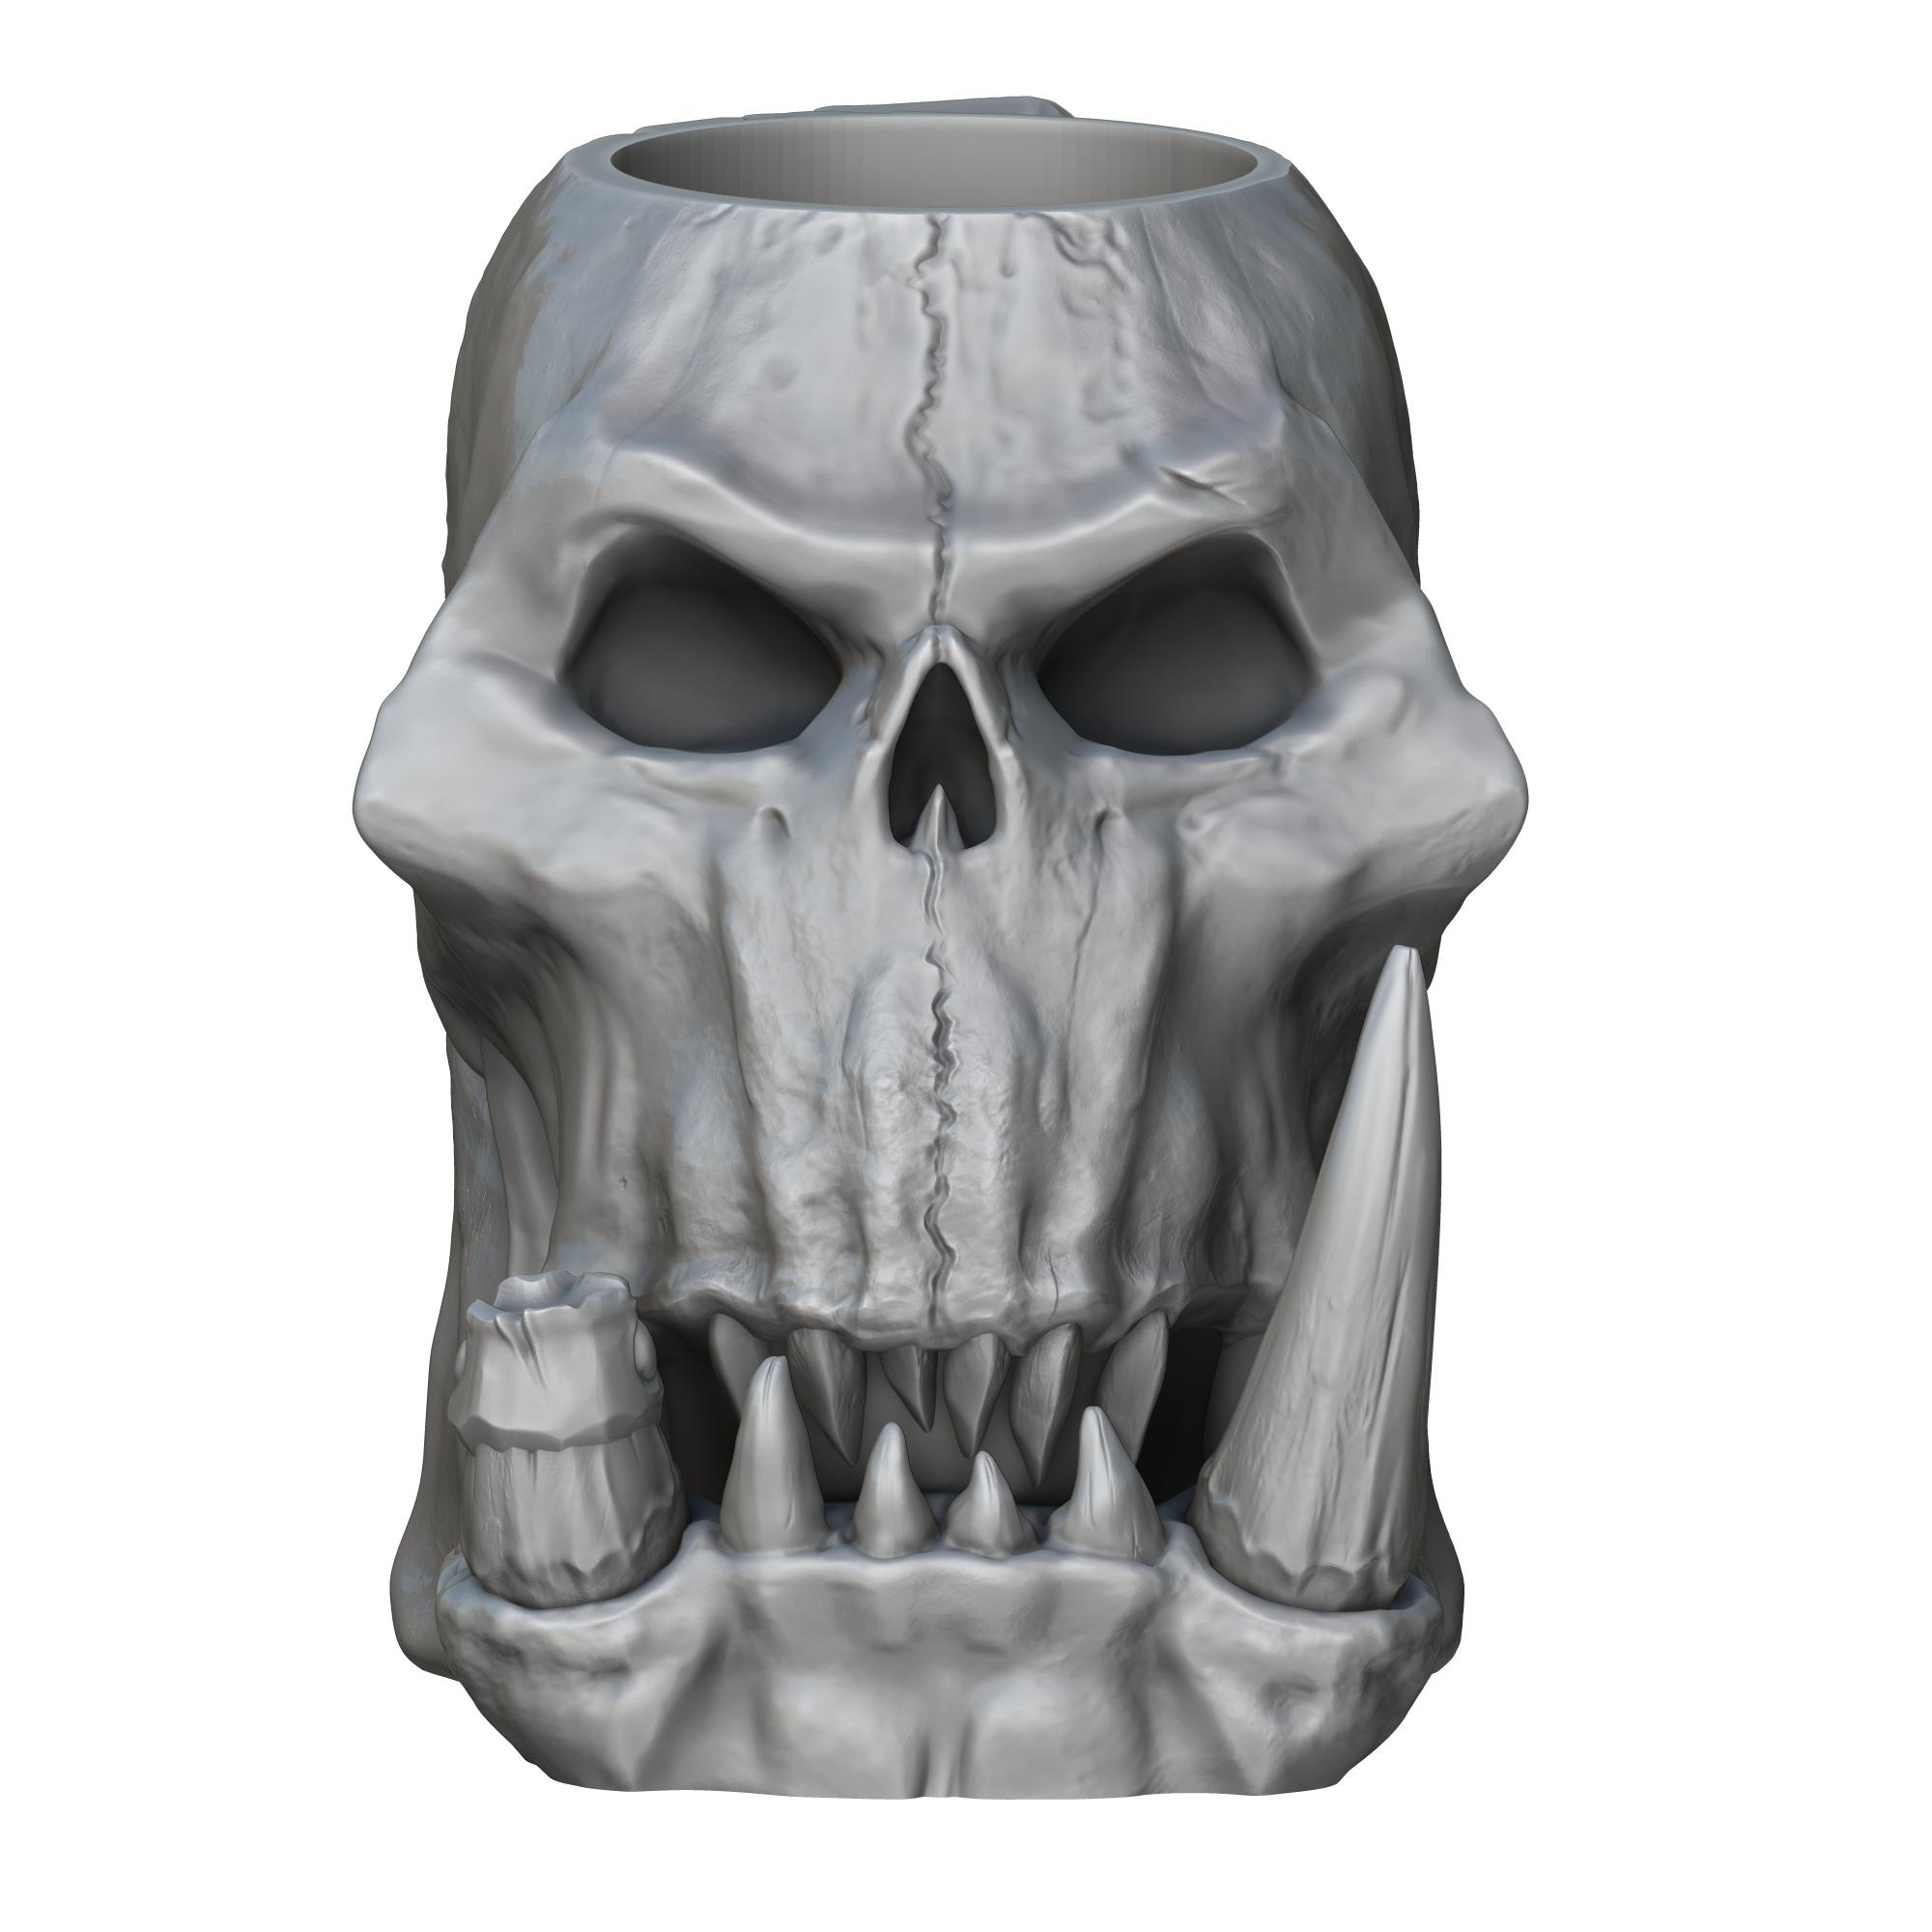 01-Orc-Skull-Mug.jpg